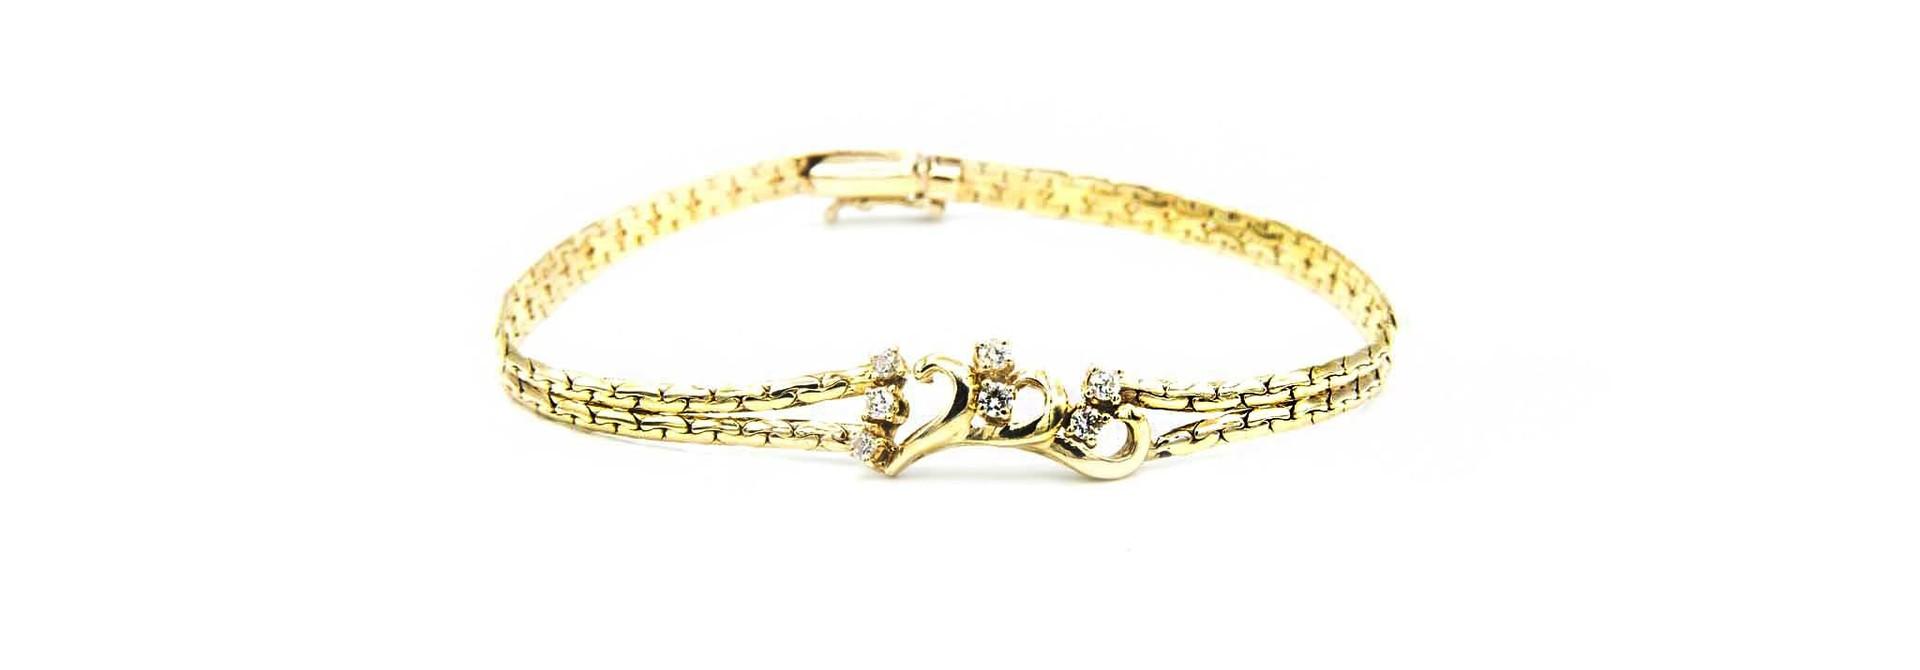 Armband met sierkrullen en zirkonia's